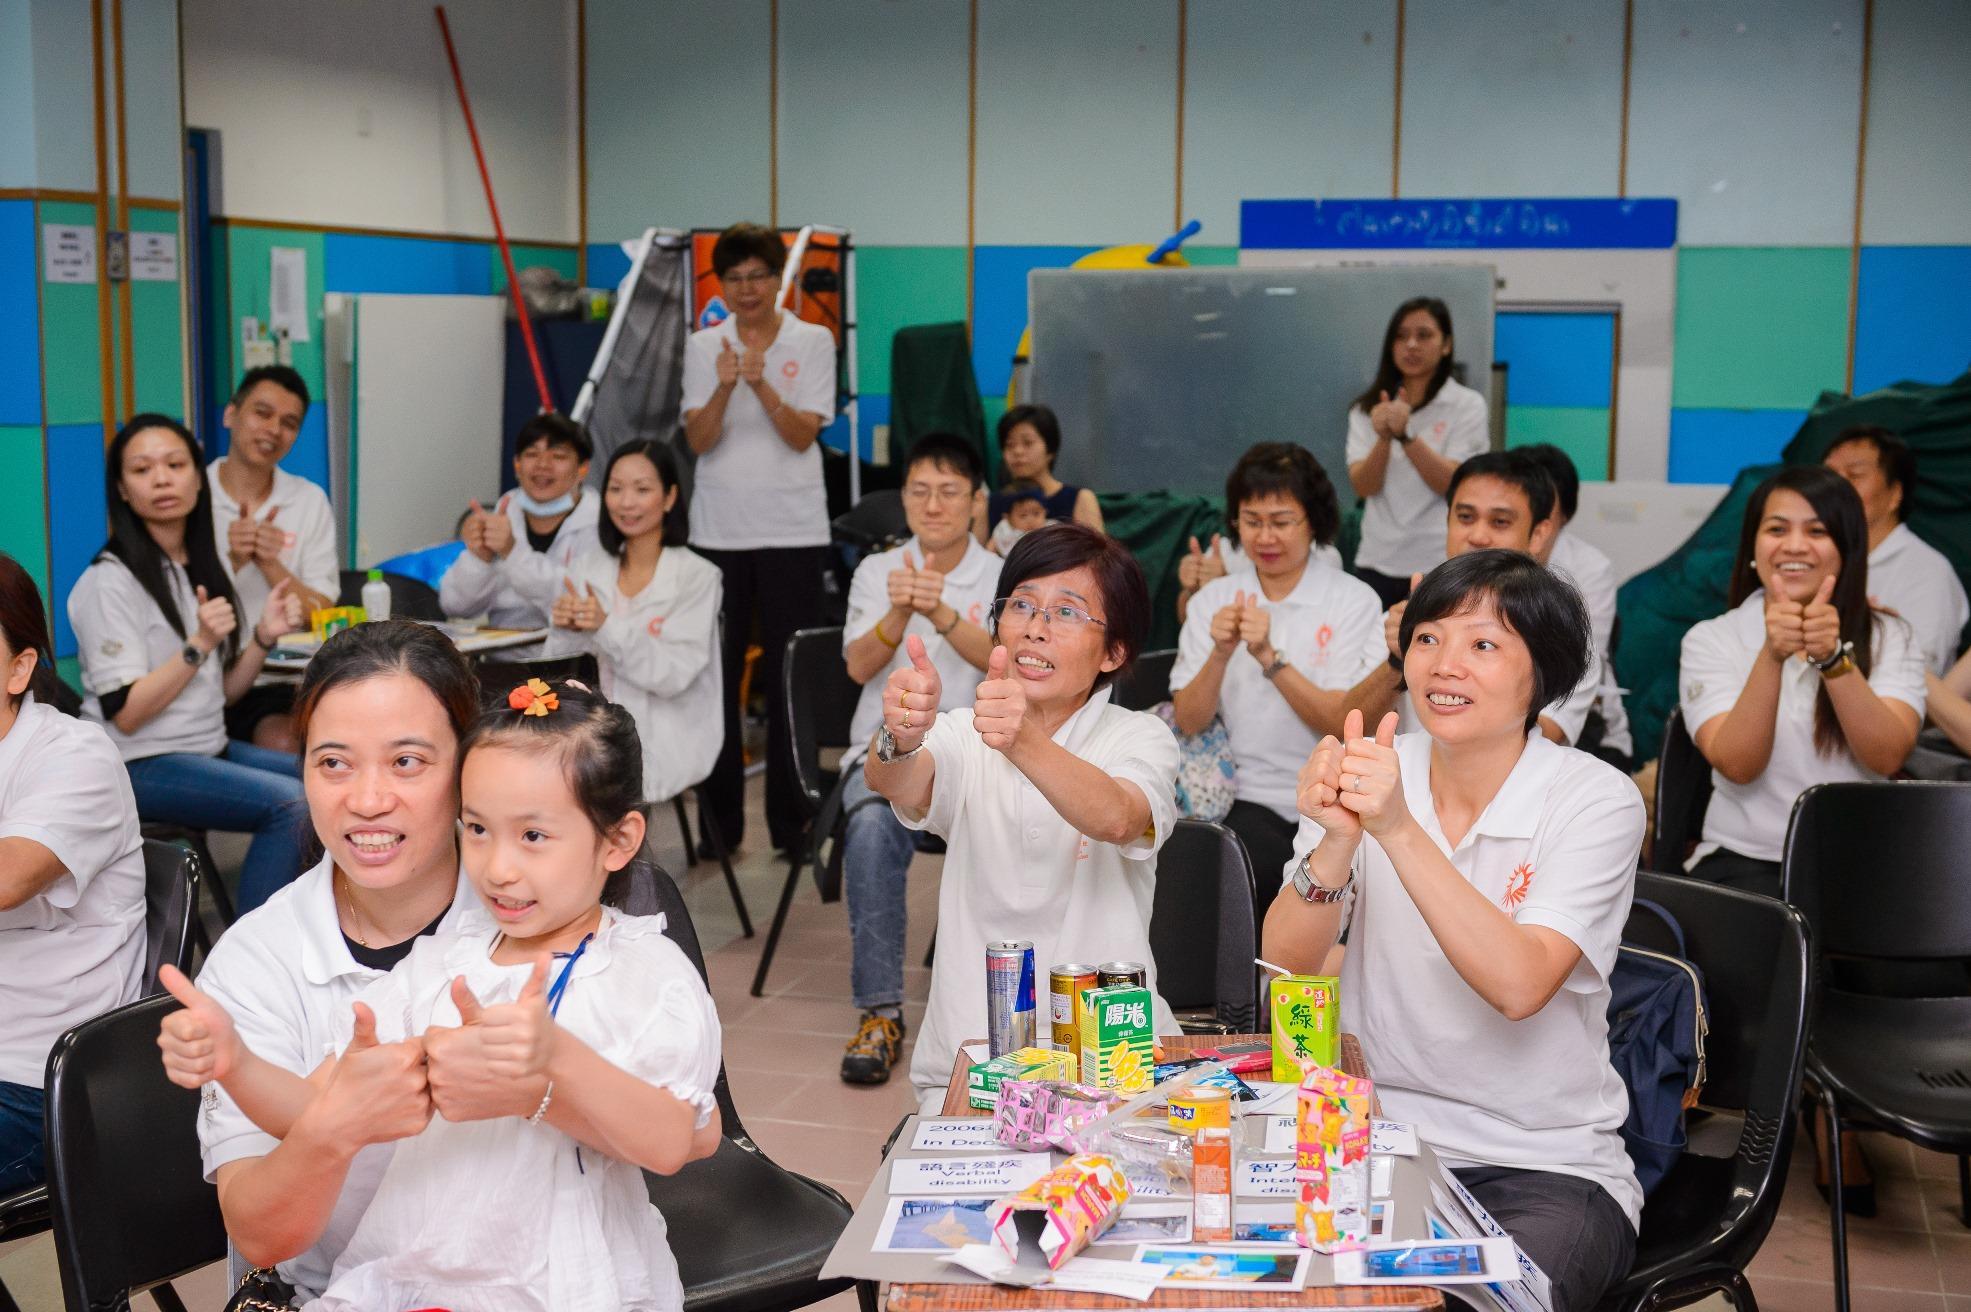 金沙中国关怀大使进一步了解听障人士需要